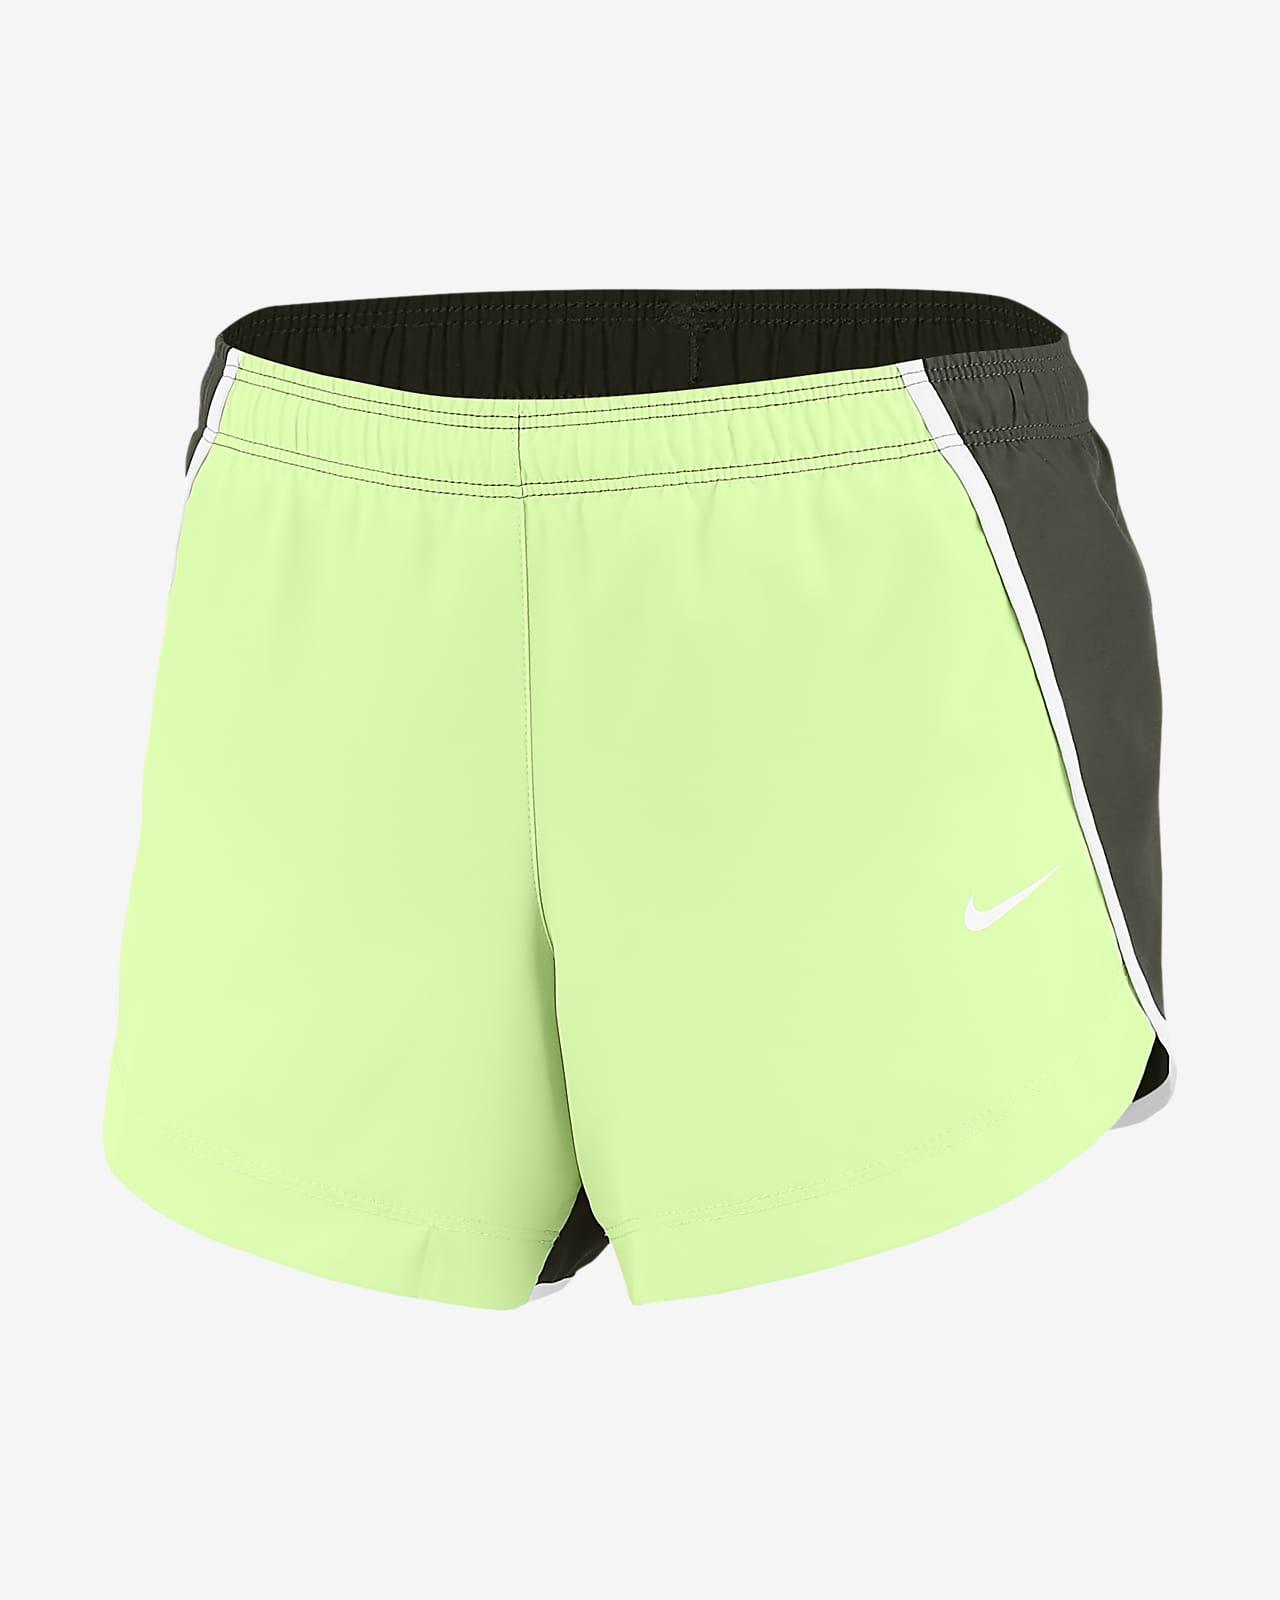 Беговые шорты для девочек школьного возраста Nike Dry